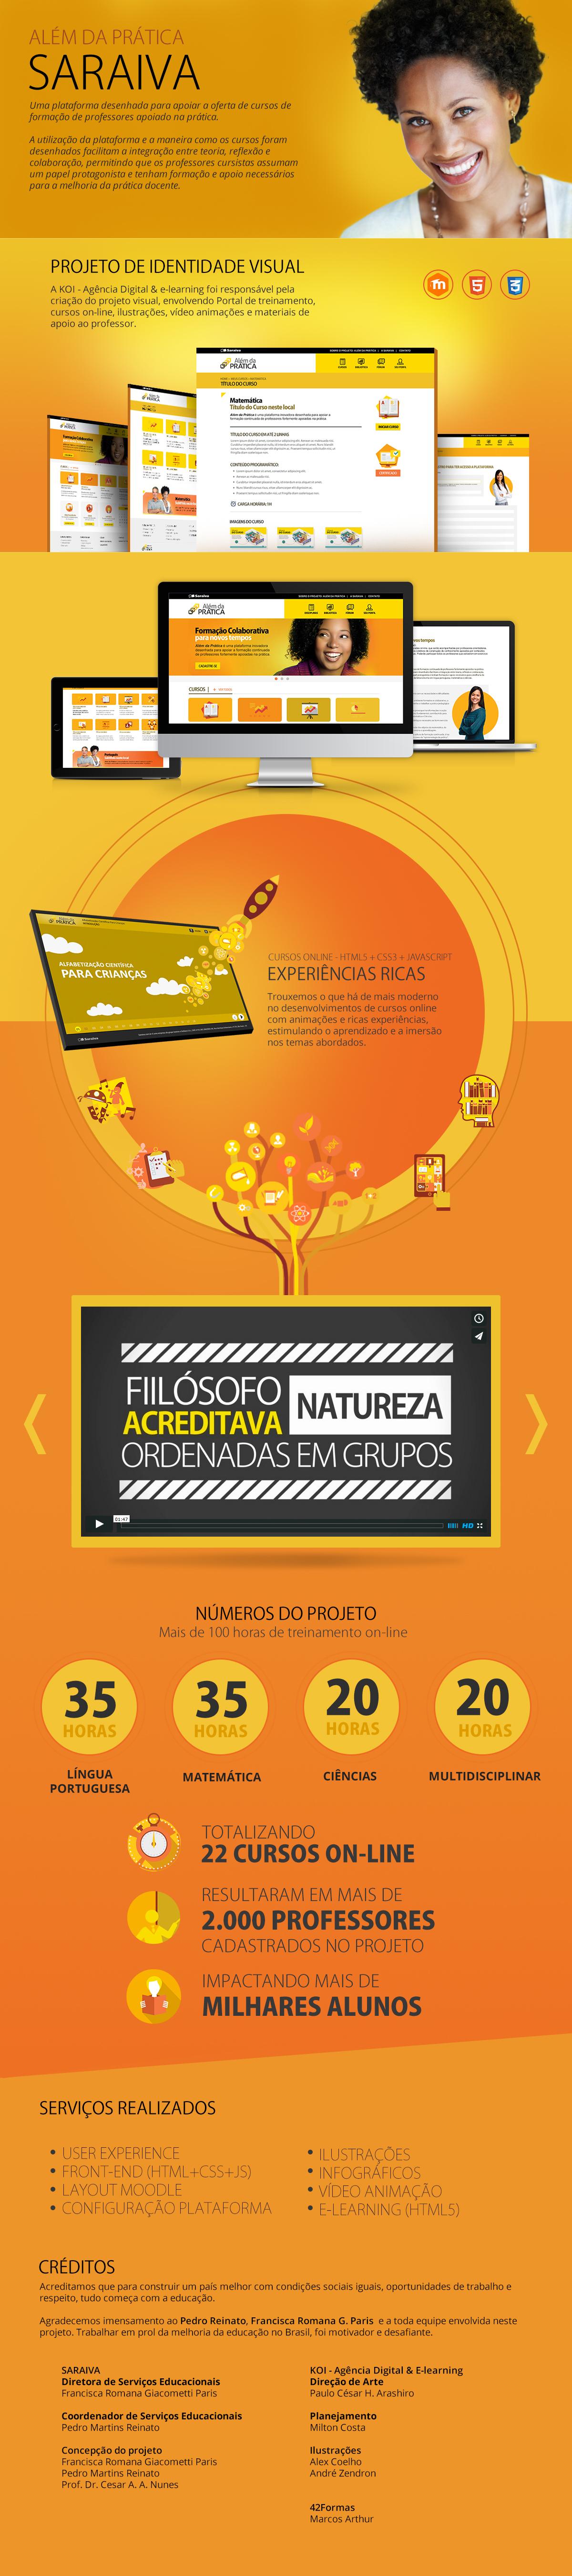 KOI - Agência Digital & E-learning. Projeto Saraiva: Além da Prática